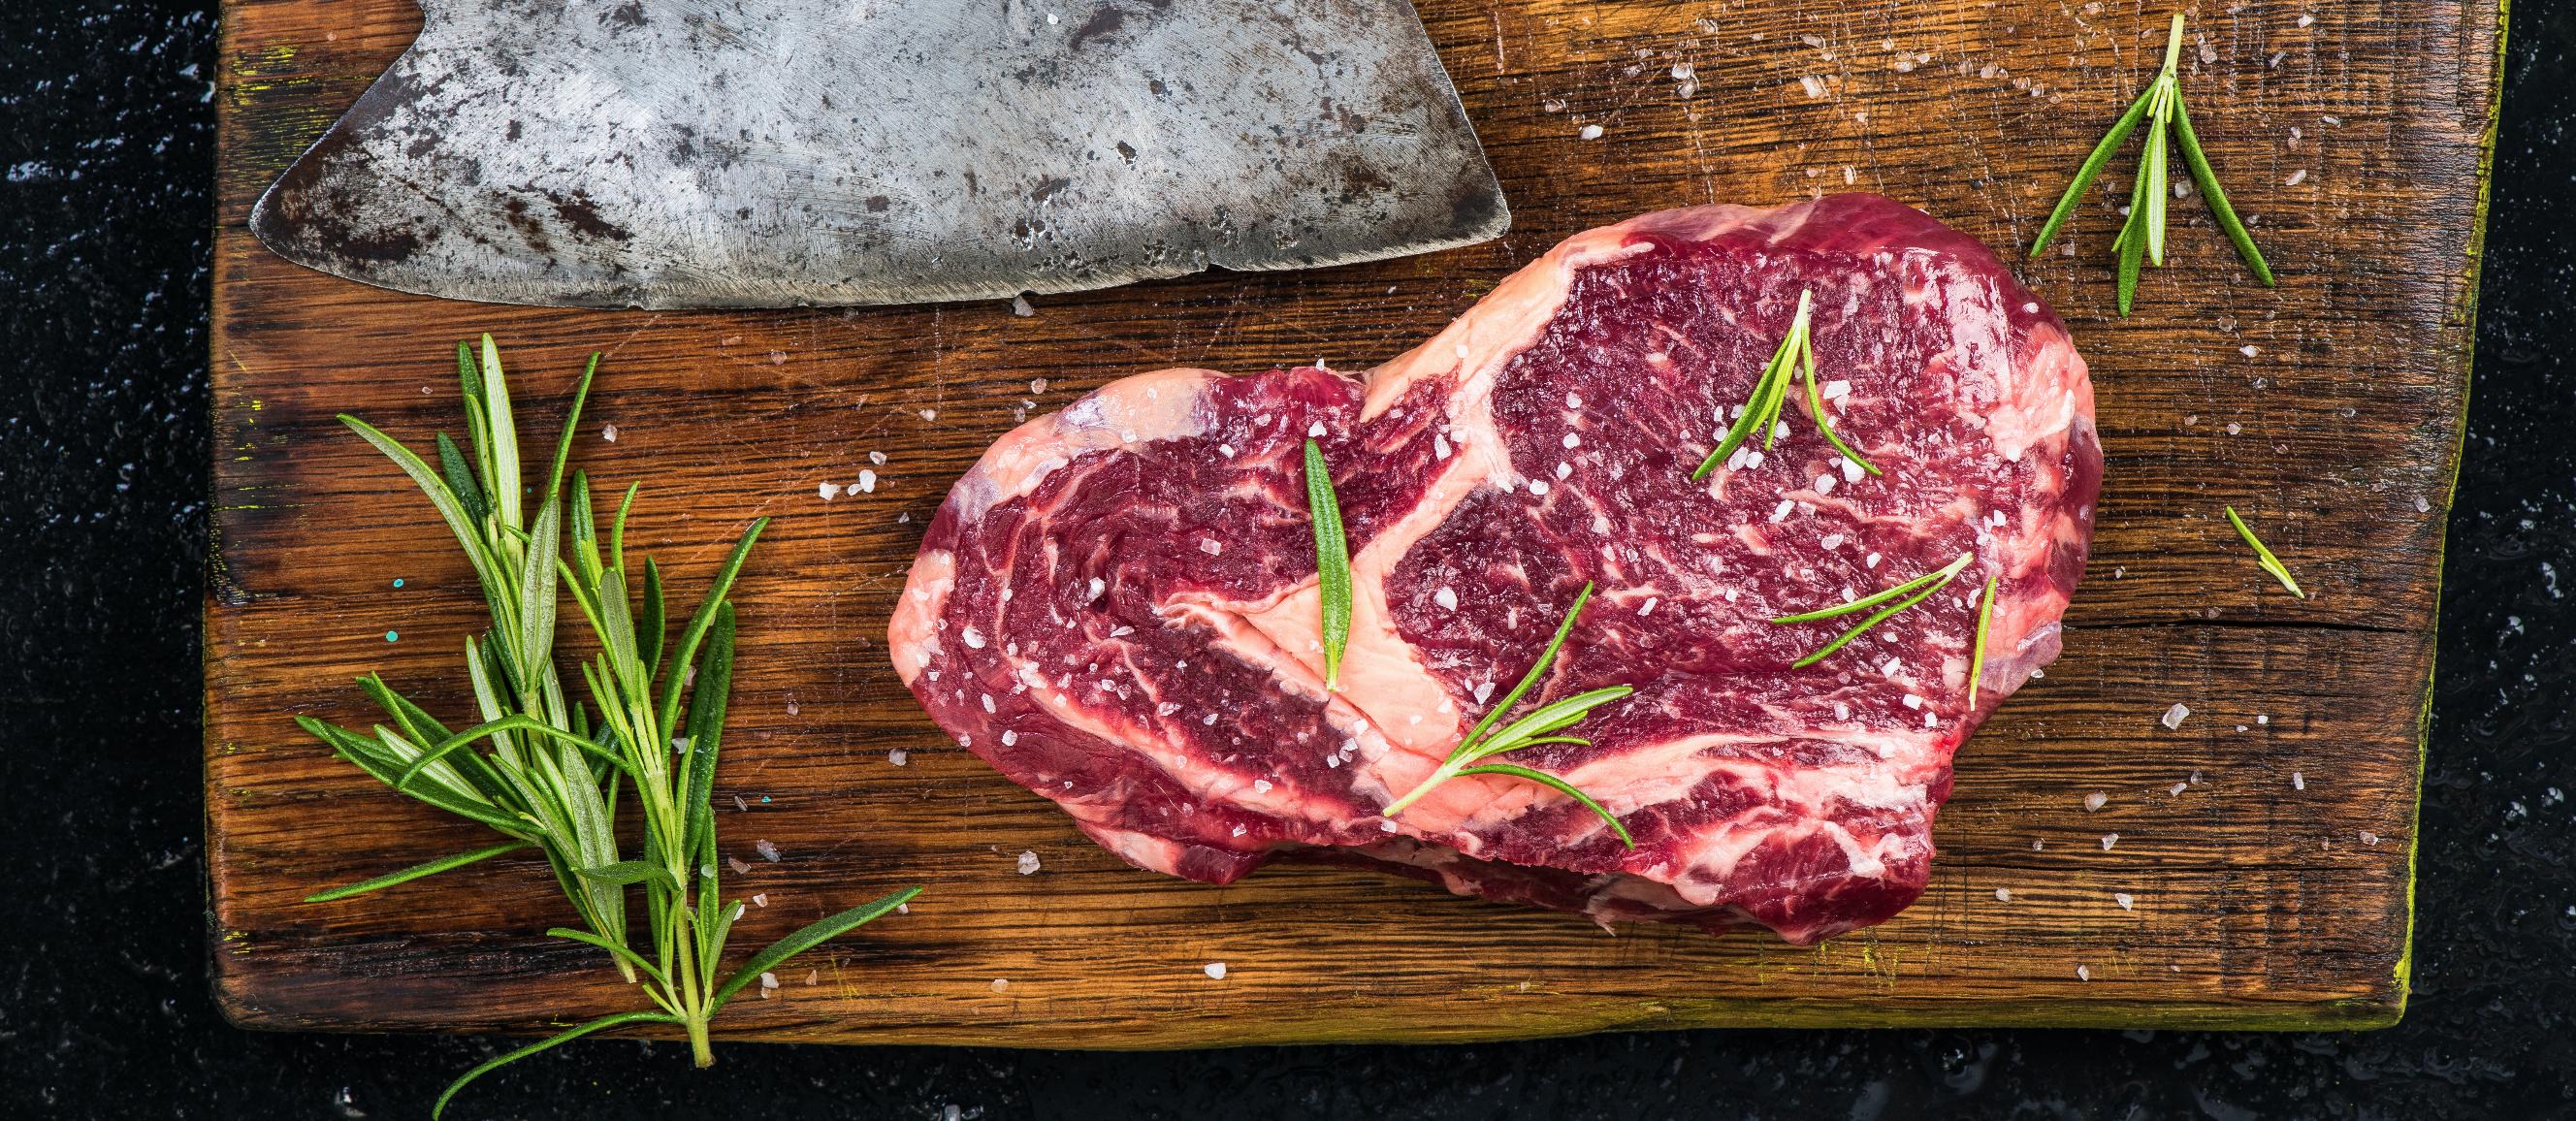 carne grassa con coltello su tagliere in legno